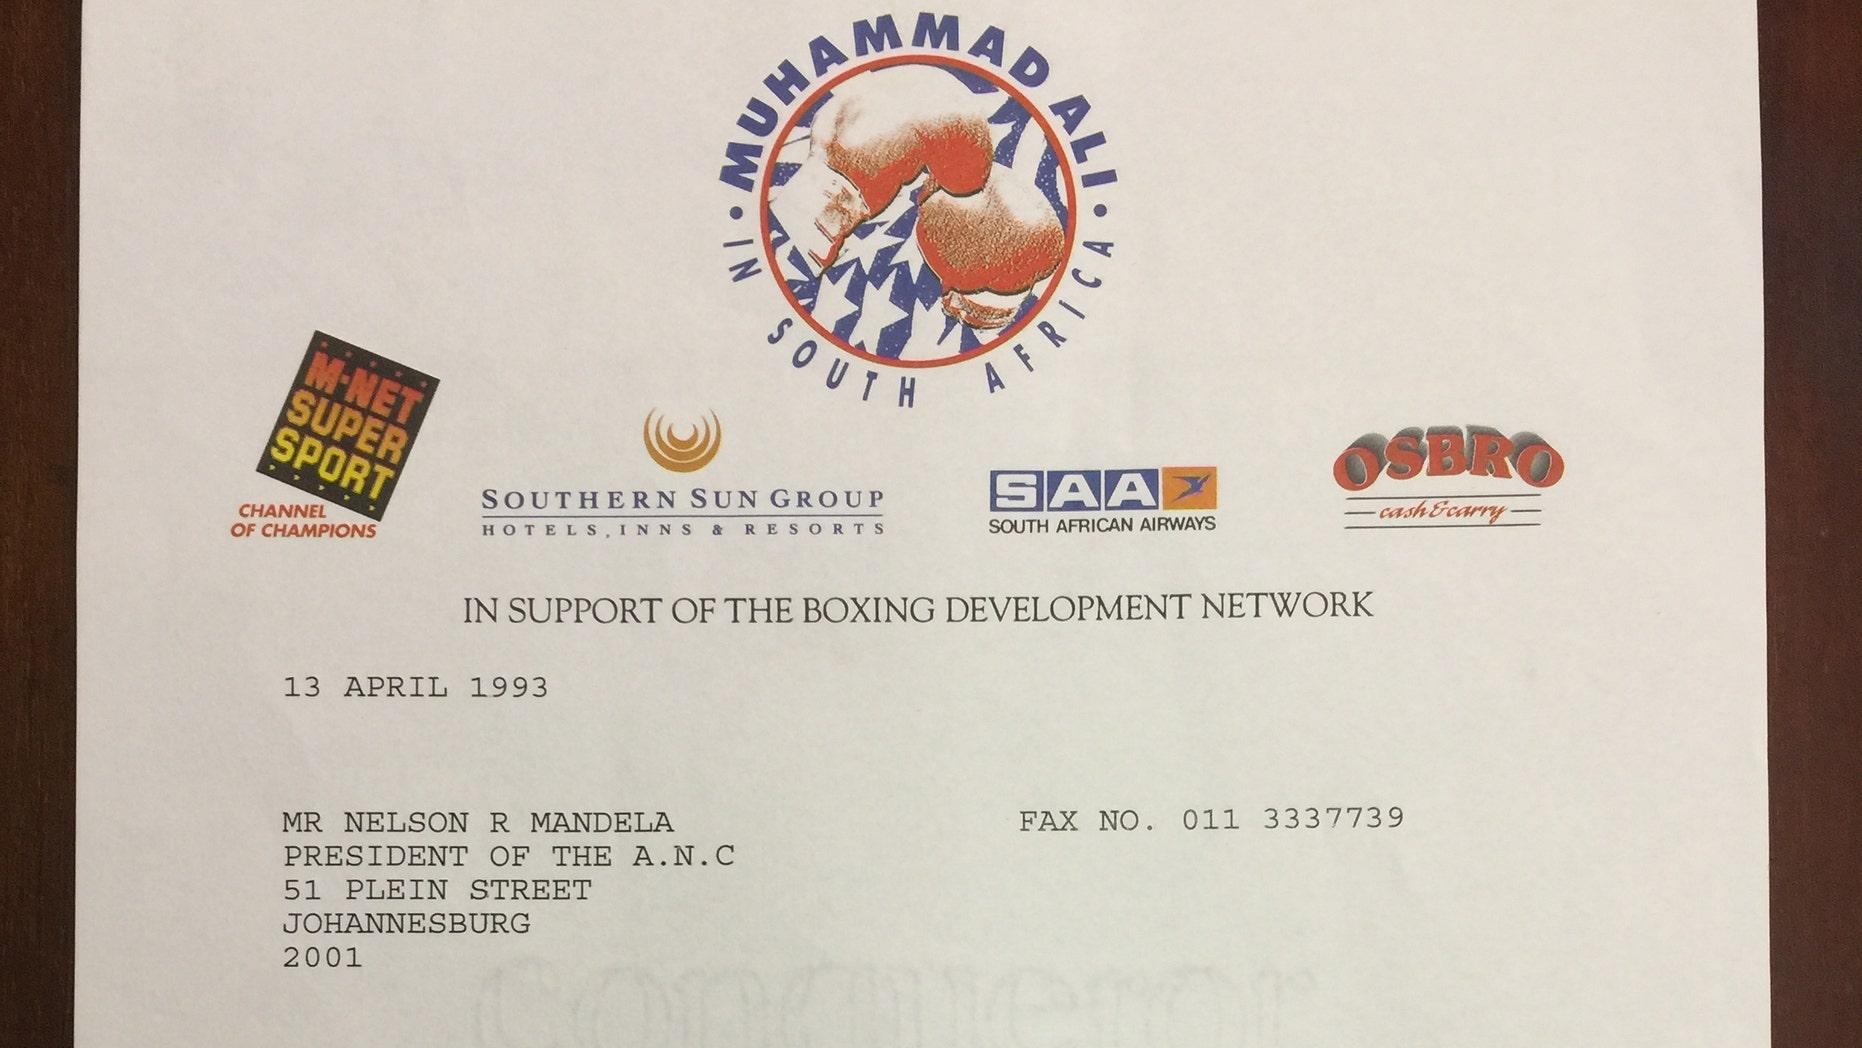 The letter from Muhammad Ali to Nelson Mandela (Henry Aldridge & Son).